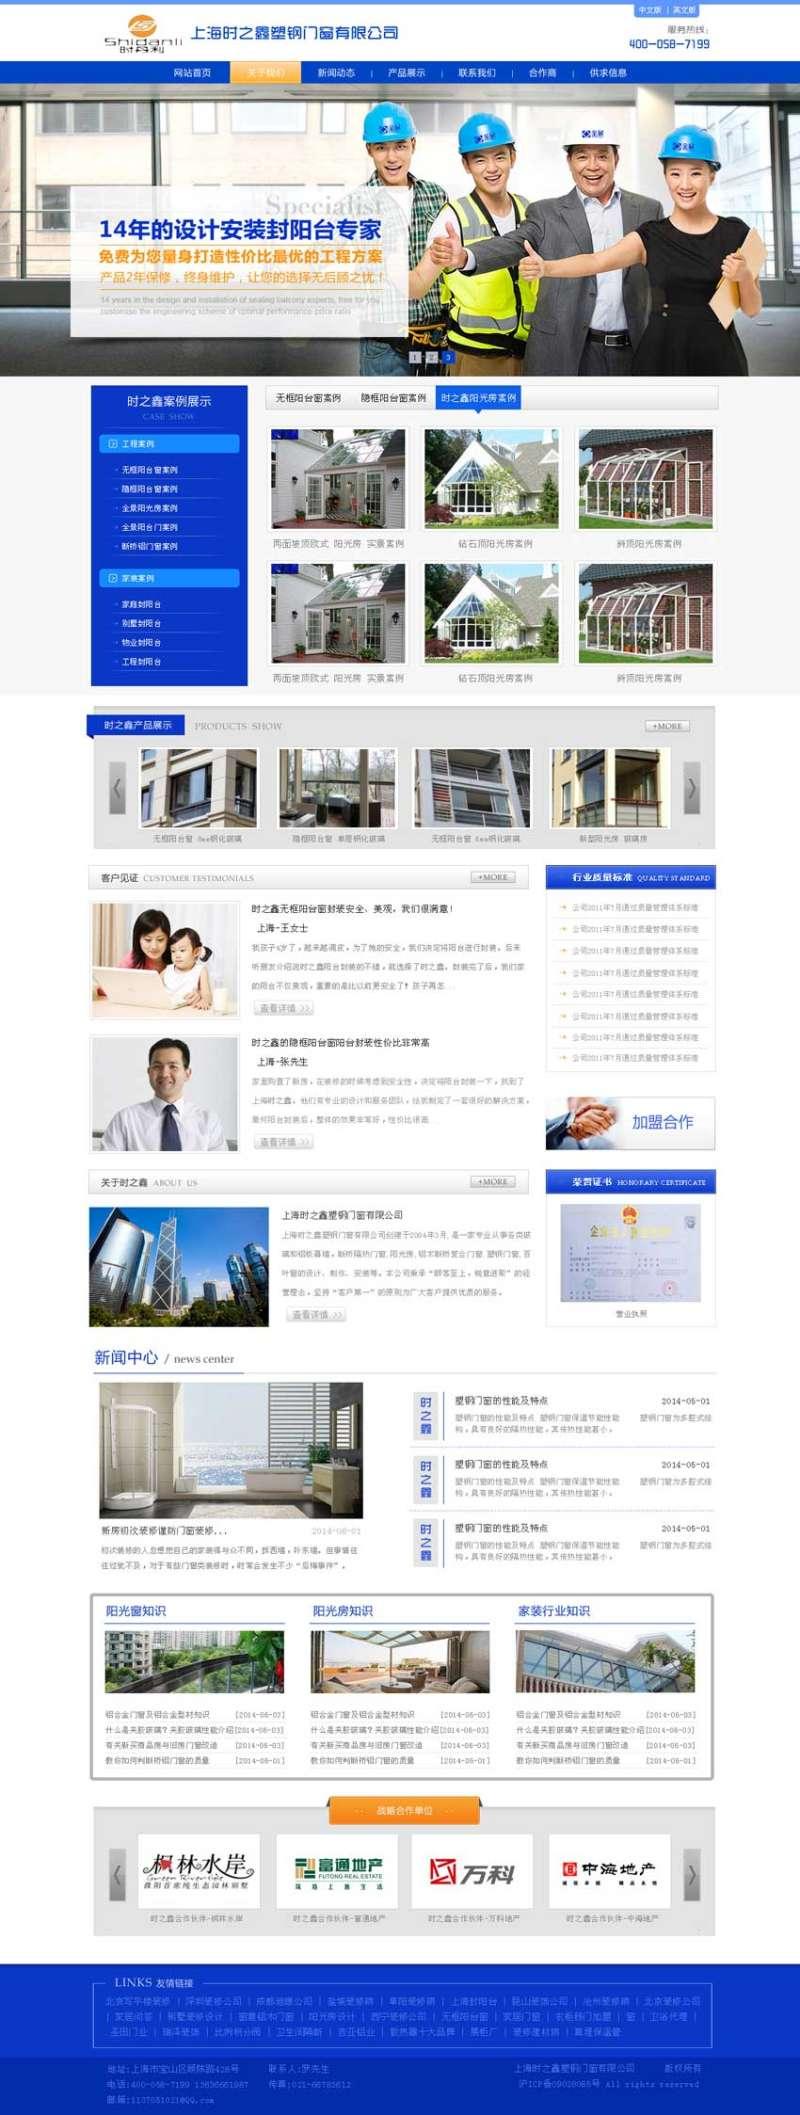 蓝色大气的门窗行业网站设计模板